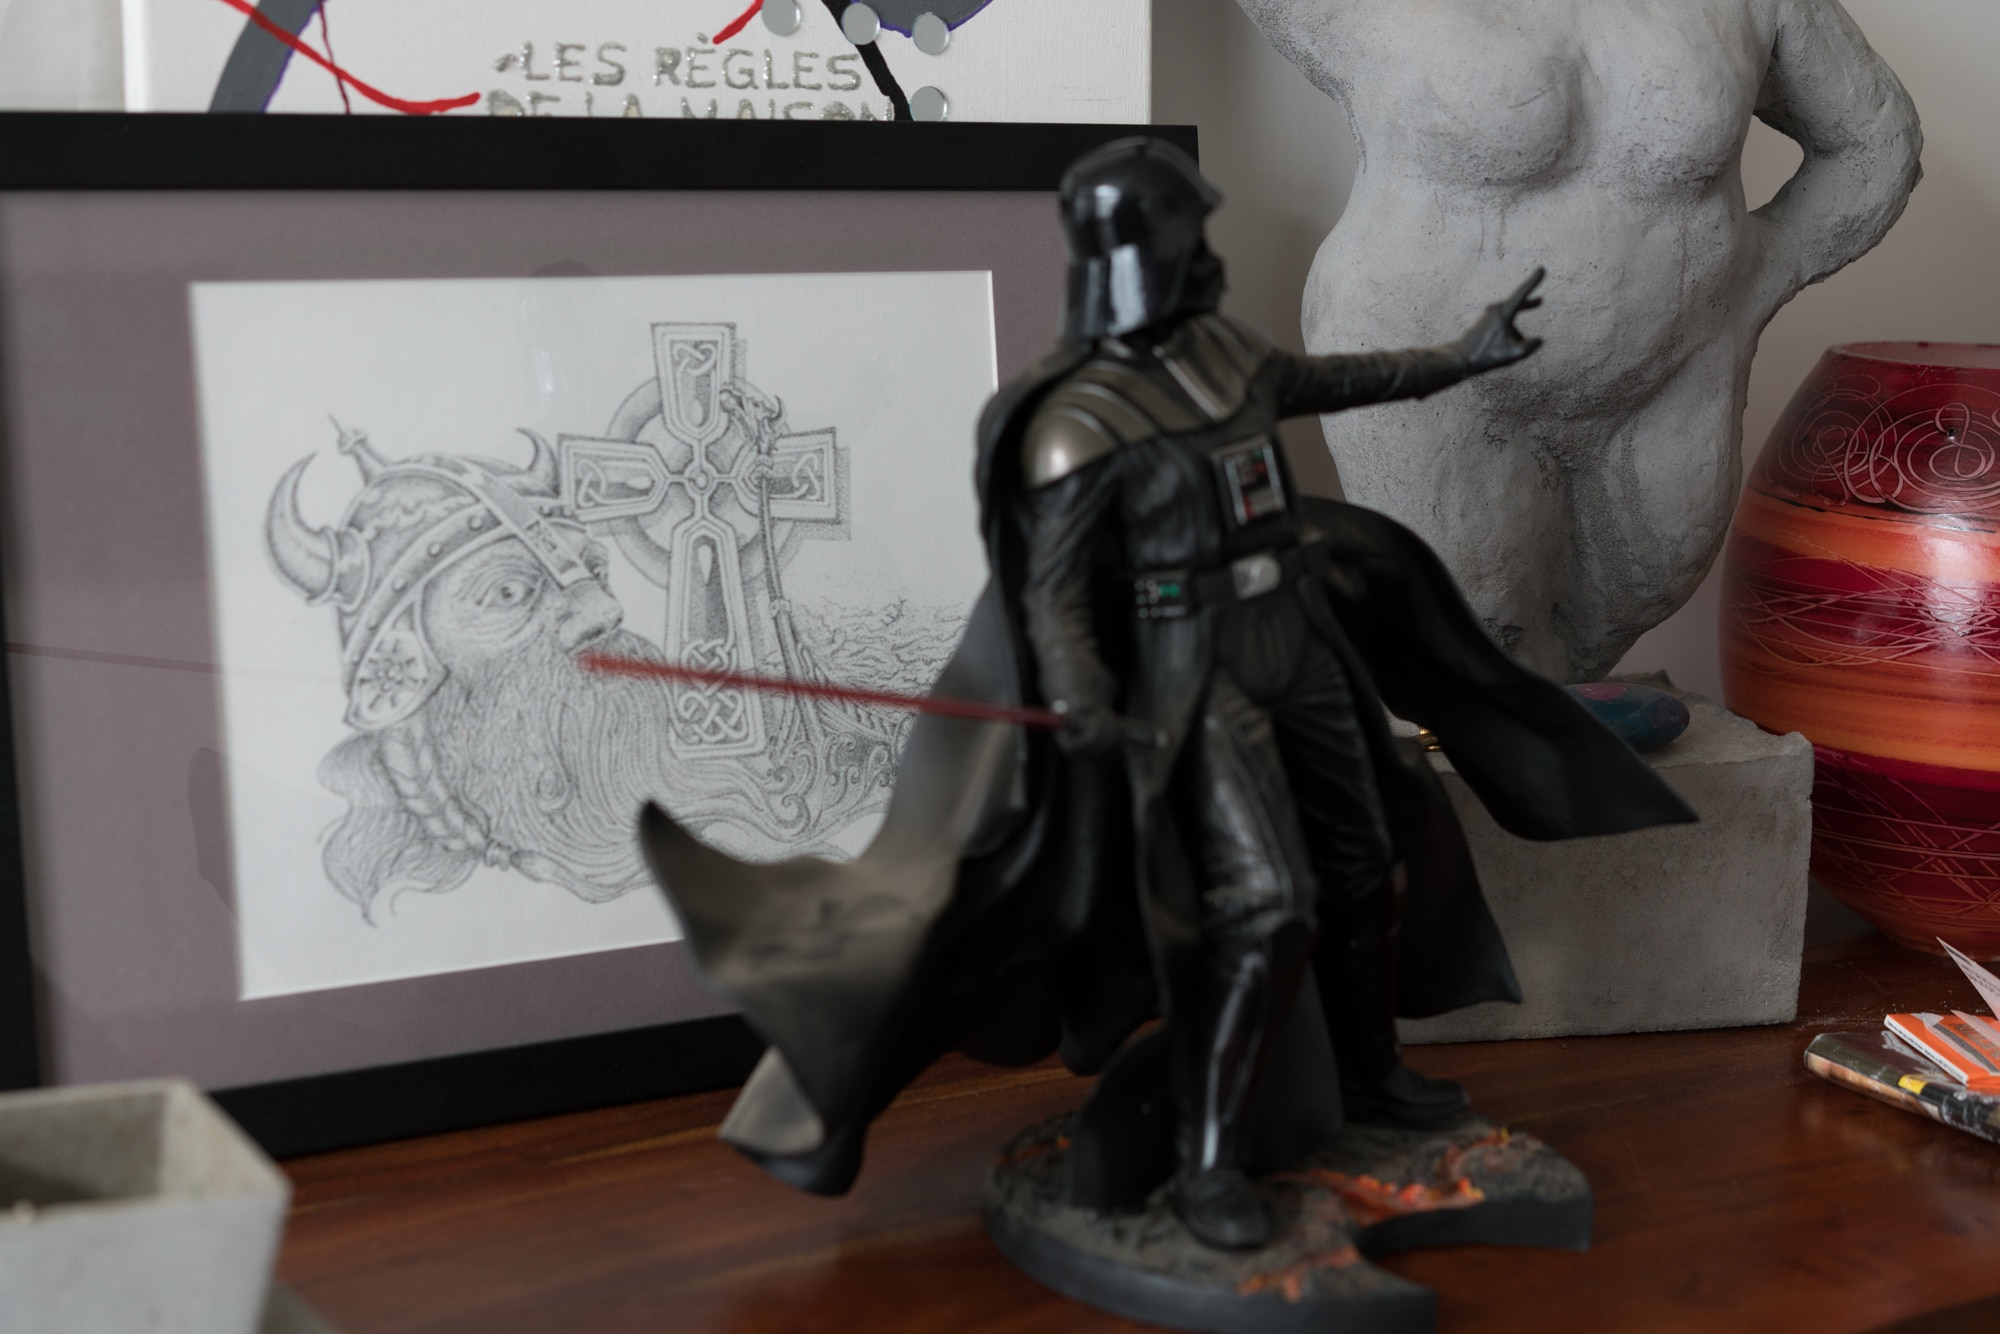 Sur une table sont disposés une figurine de Darth Vader, une sculpture de silhouette féminine, et un dessin encadré représentant un homme barbu à casque viking à côté d'une croix celte